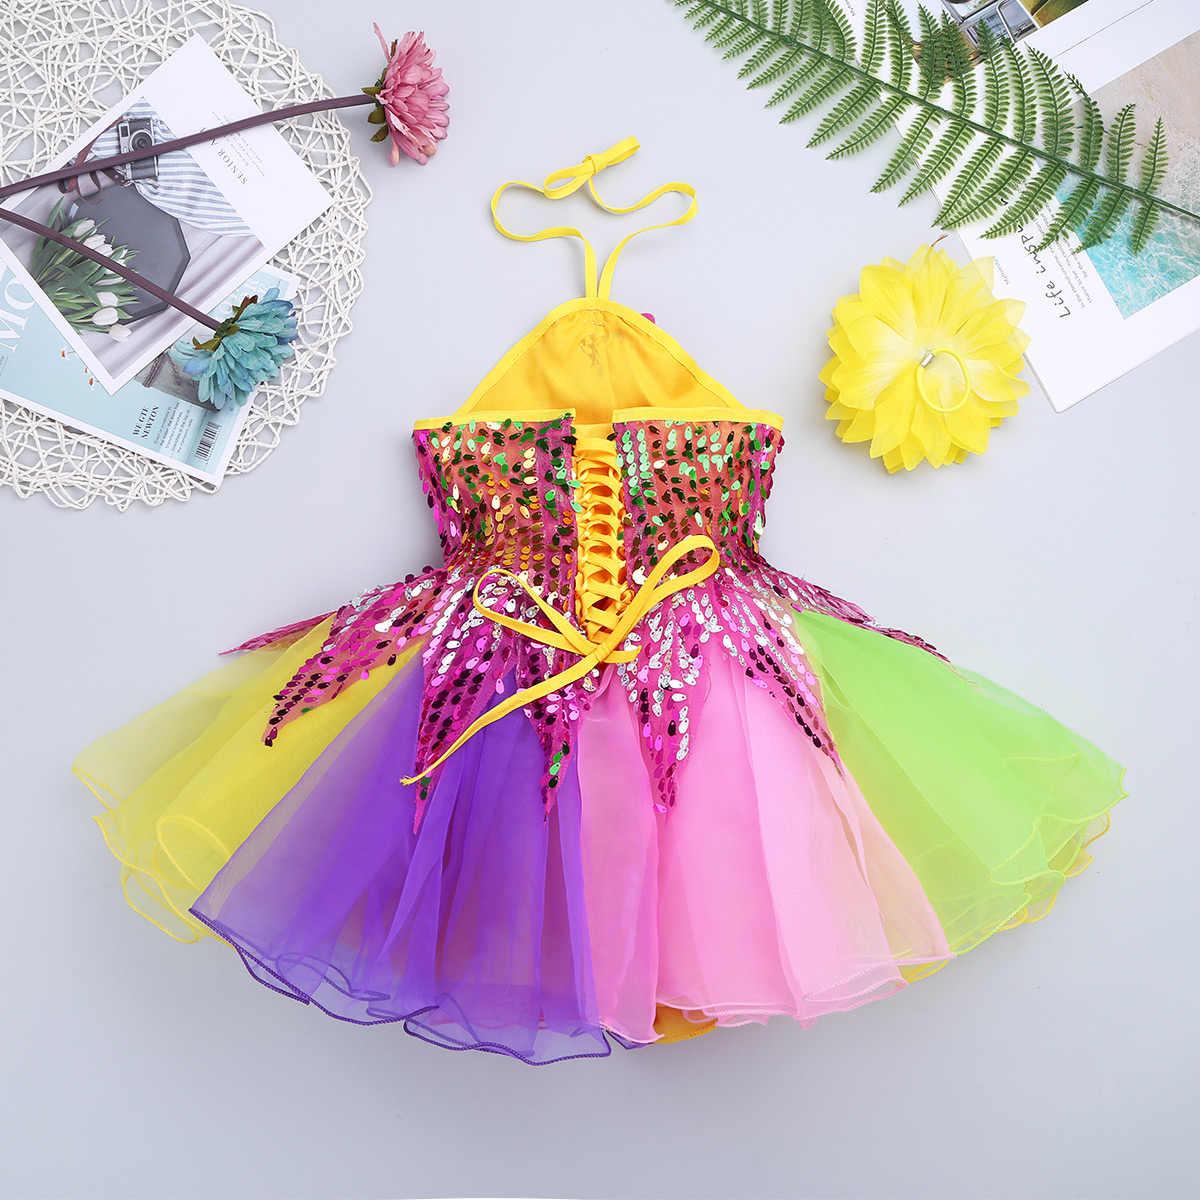 Vestido de Ballet con lentejuelas y flores para niñas, juego de pulsera con flores para niñas, vestidos de tutú de arco iris, atuendo de baile para niños